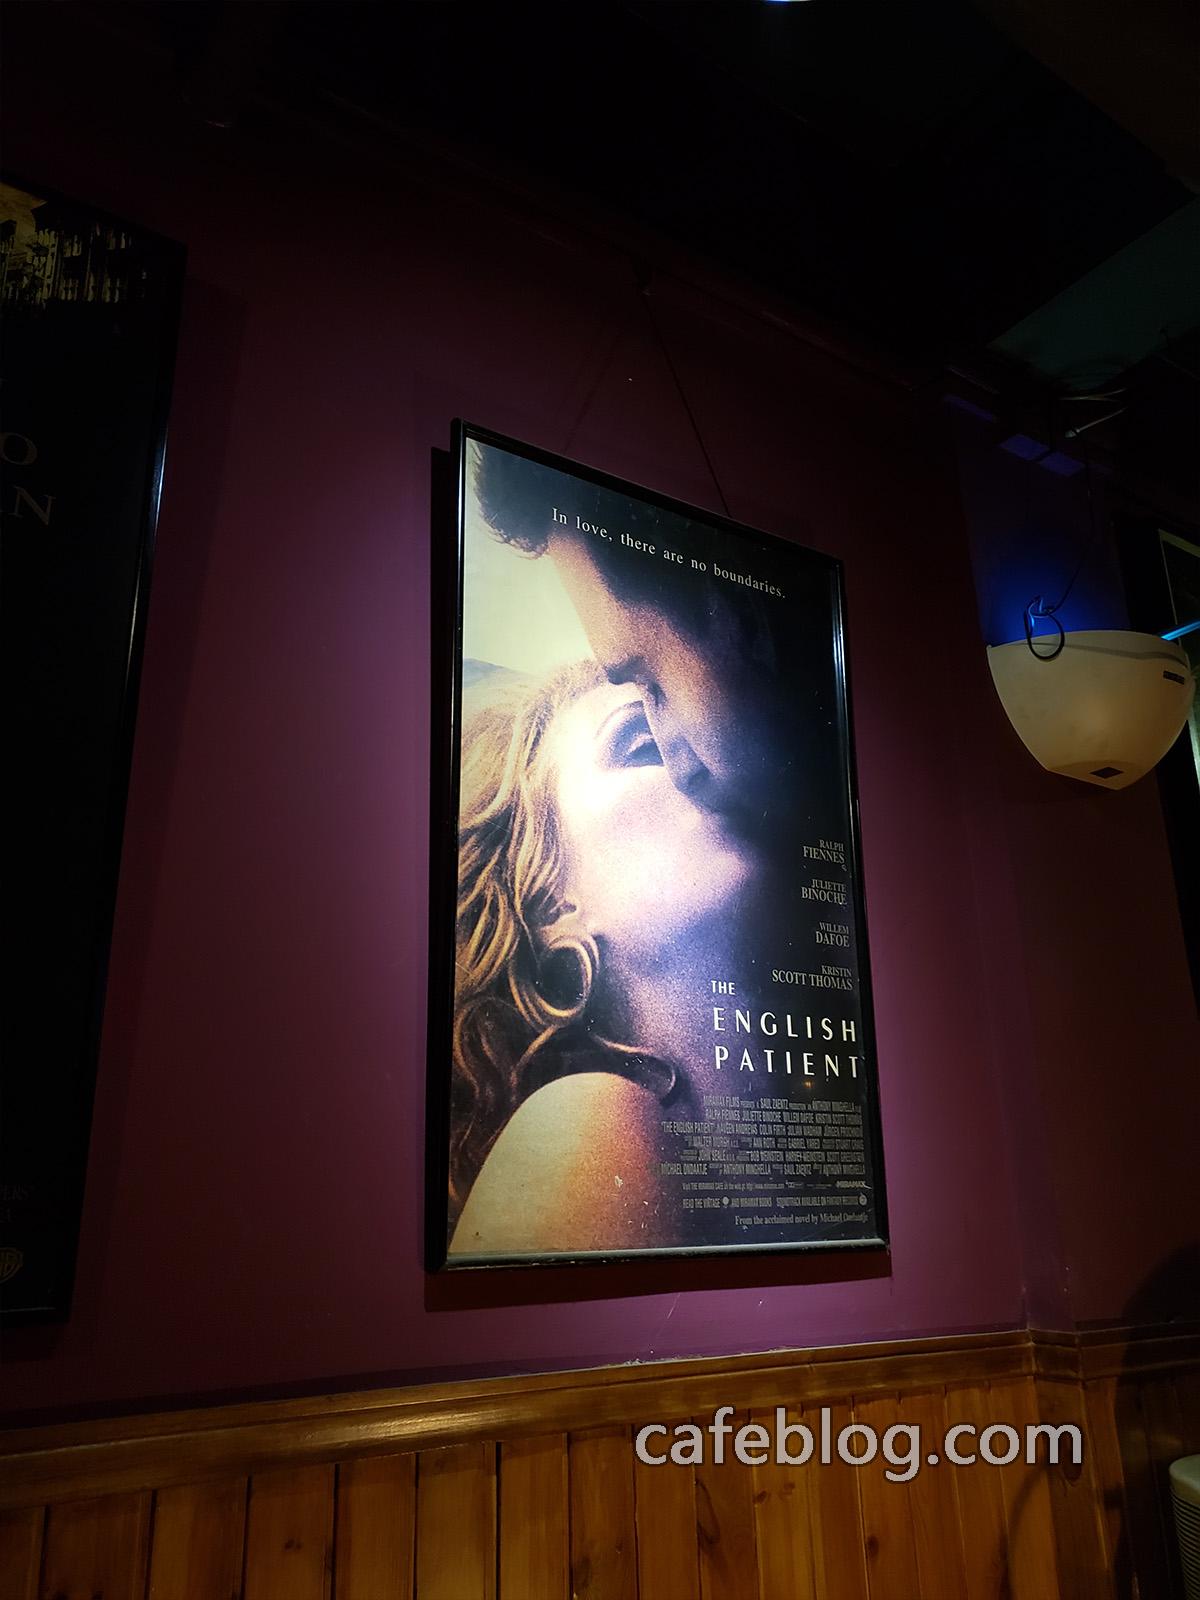 玛雅咖啡馆 Maya Cafe 二楼的英国病人的电影海报